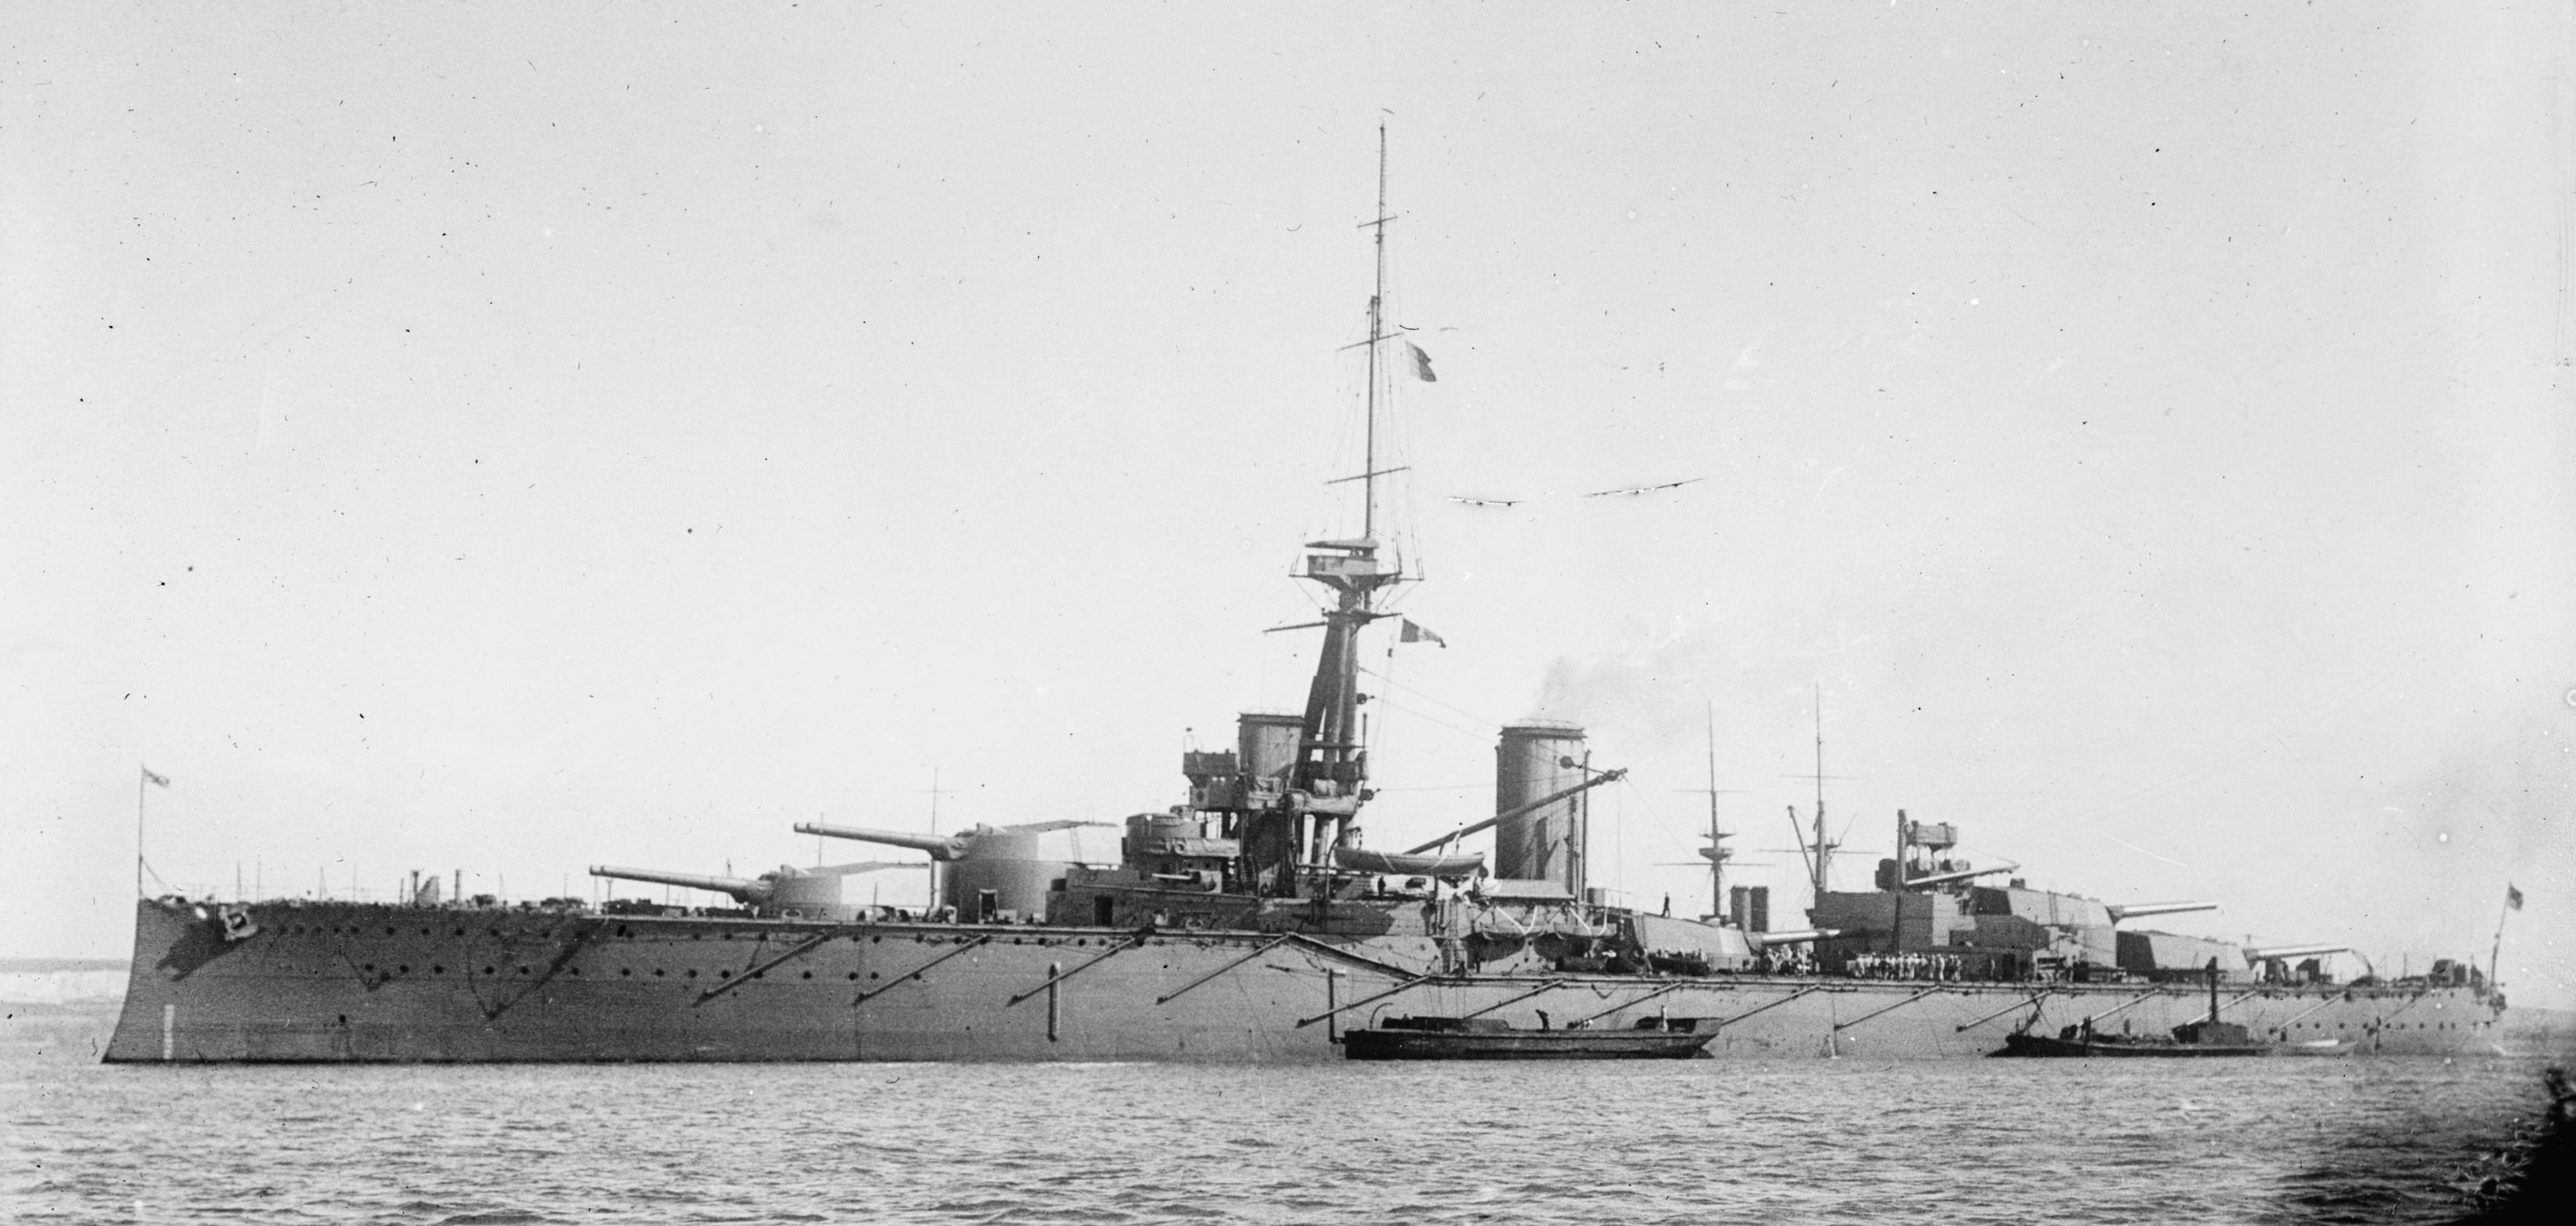 HMS_Monarch_LOC_ggbain_16828.jpg